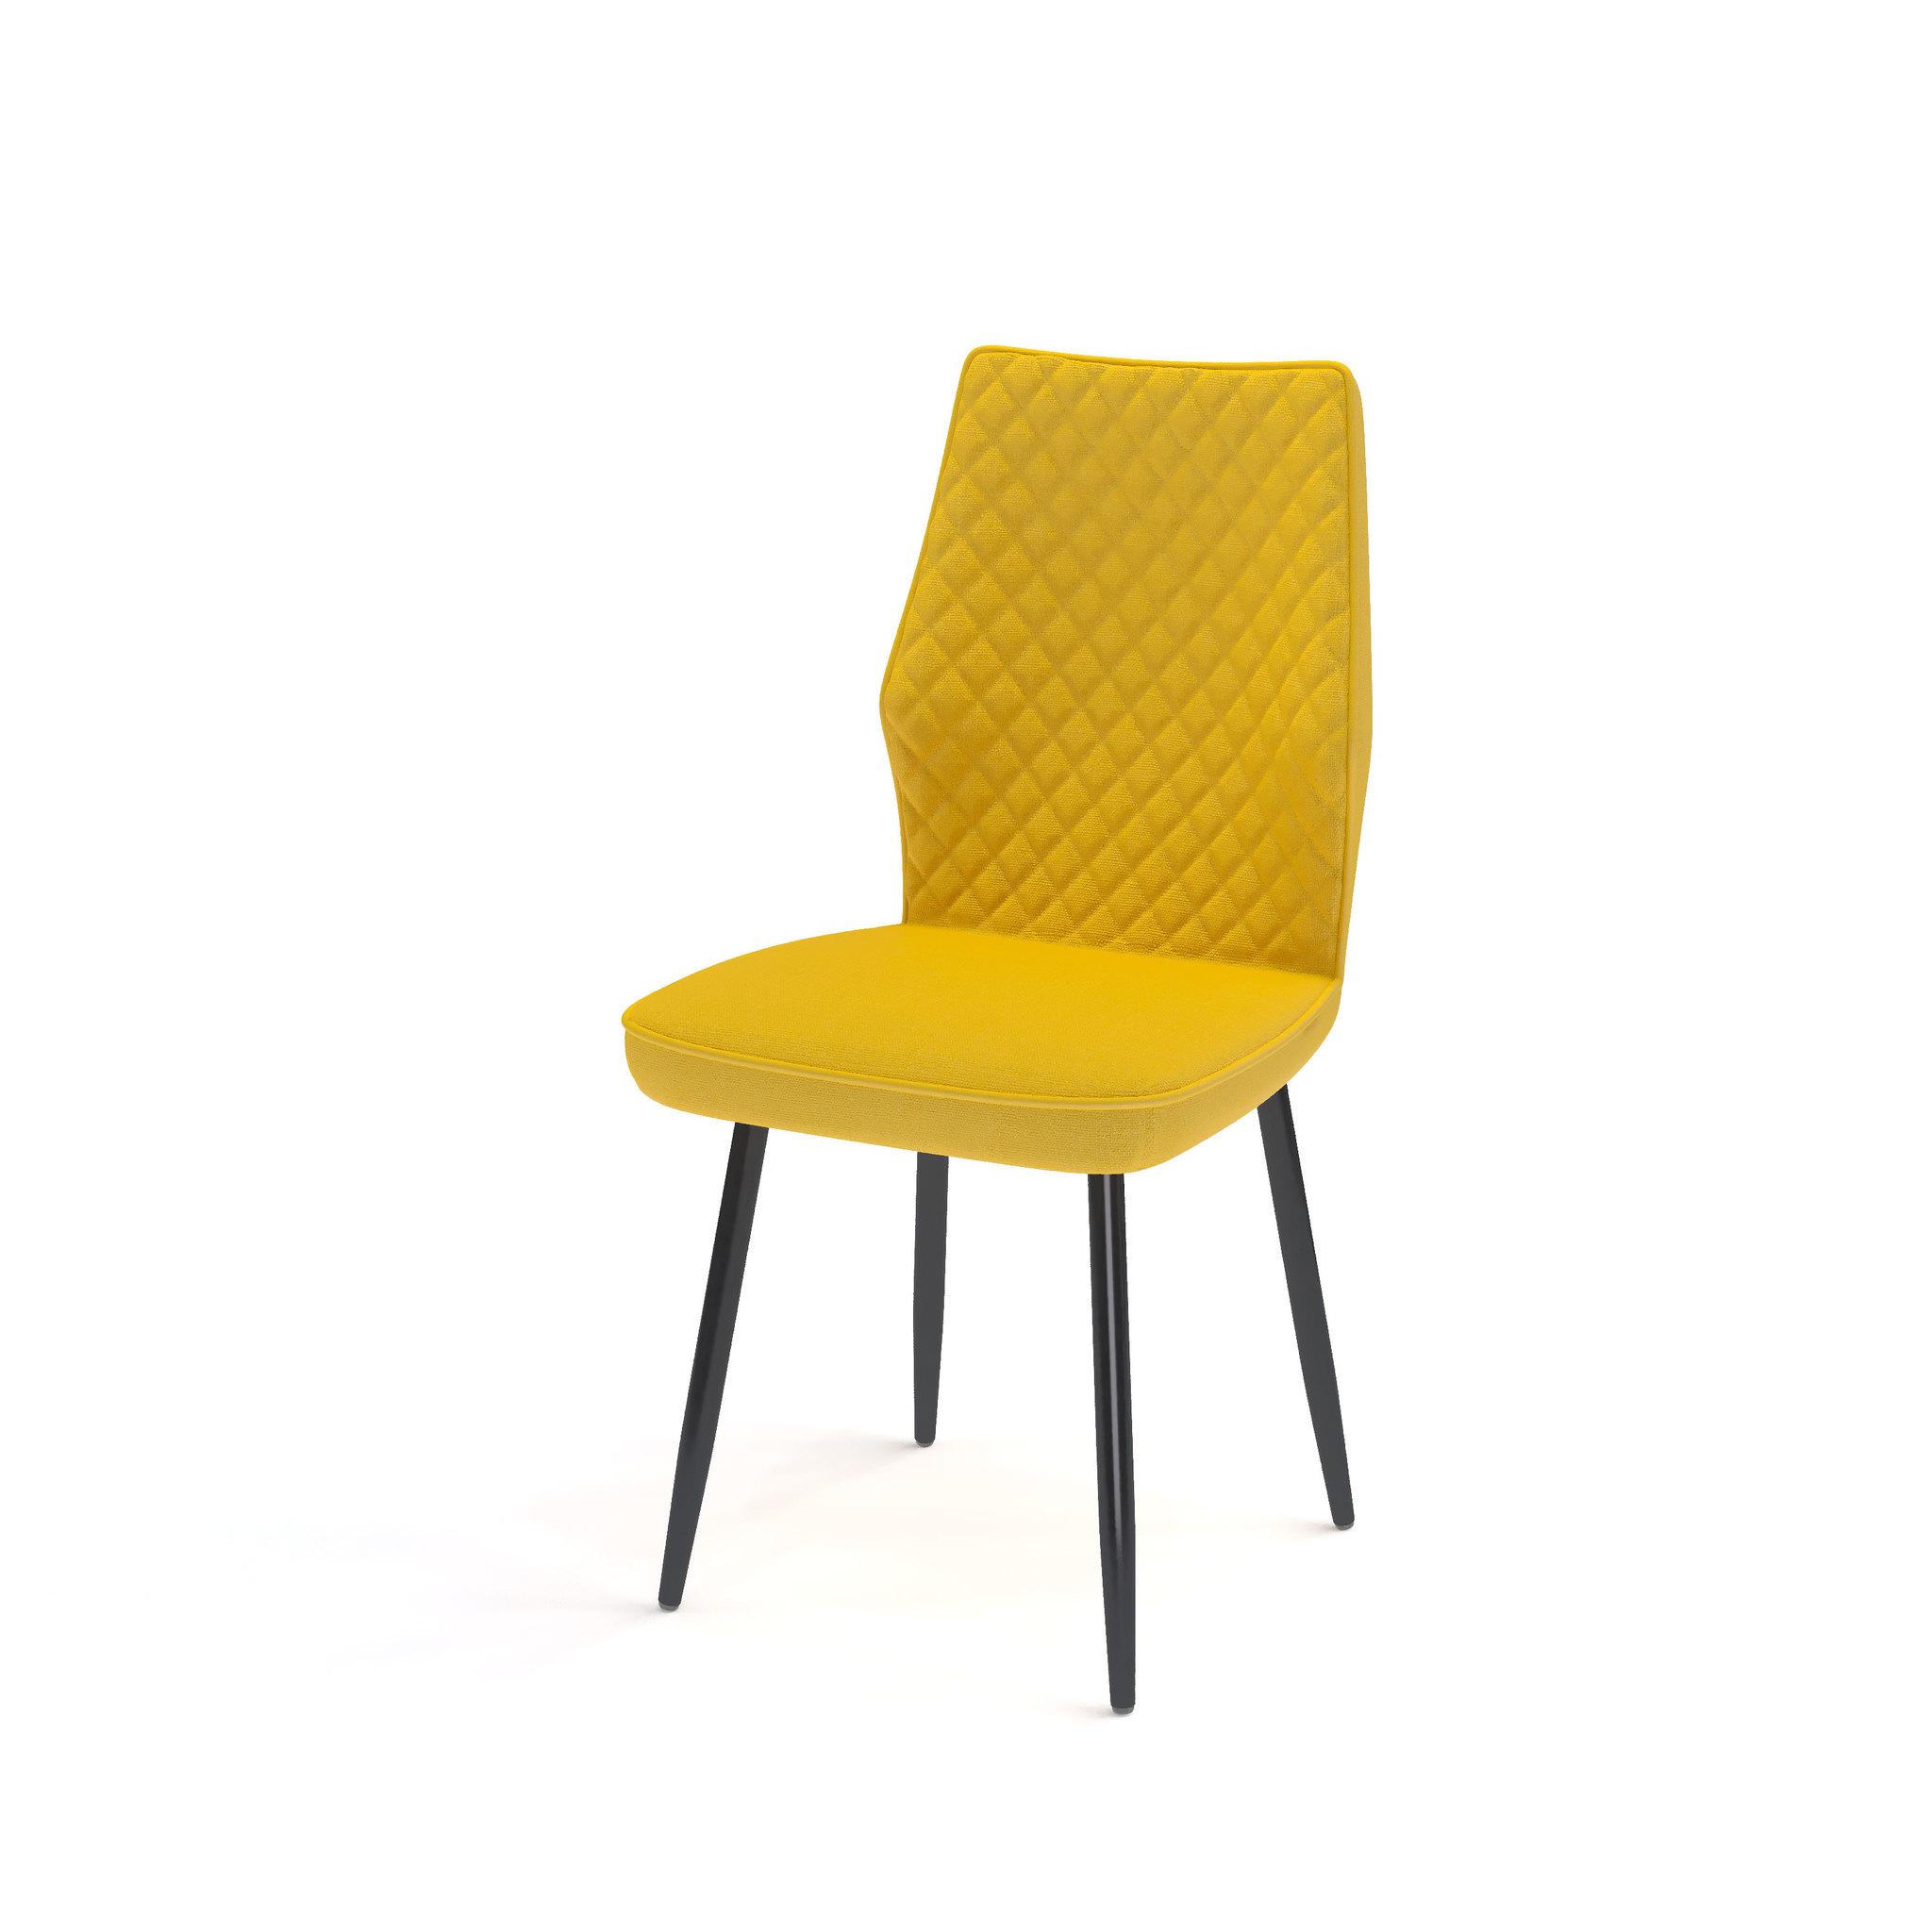 126s-чёрный-жёлтый